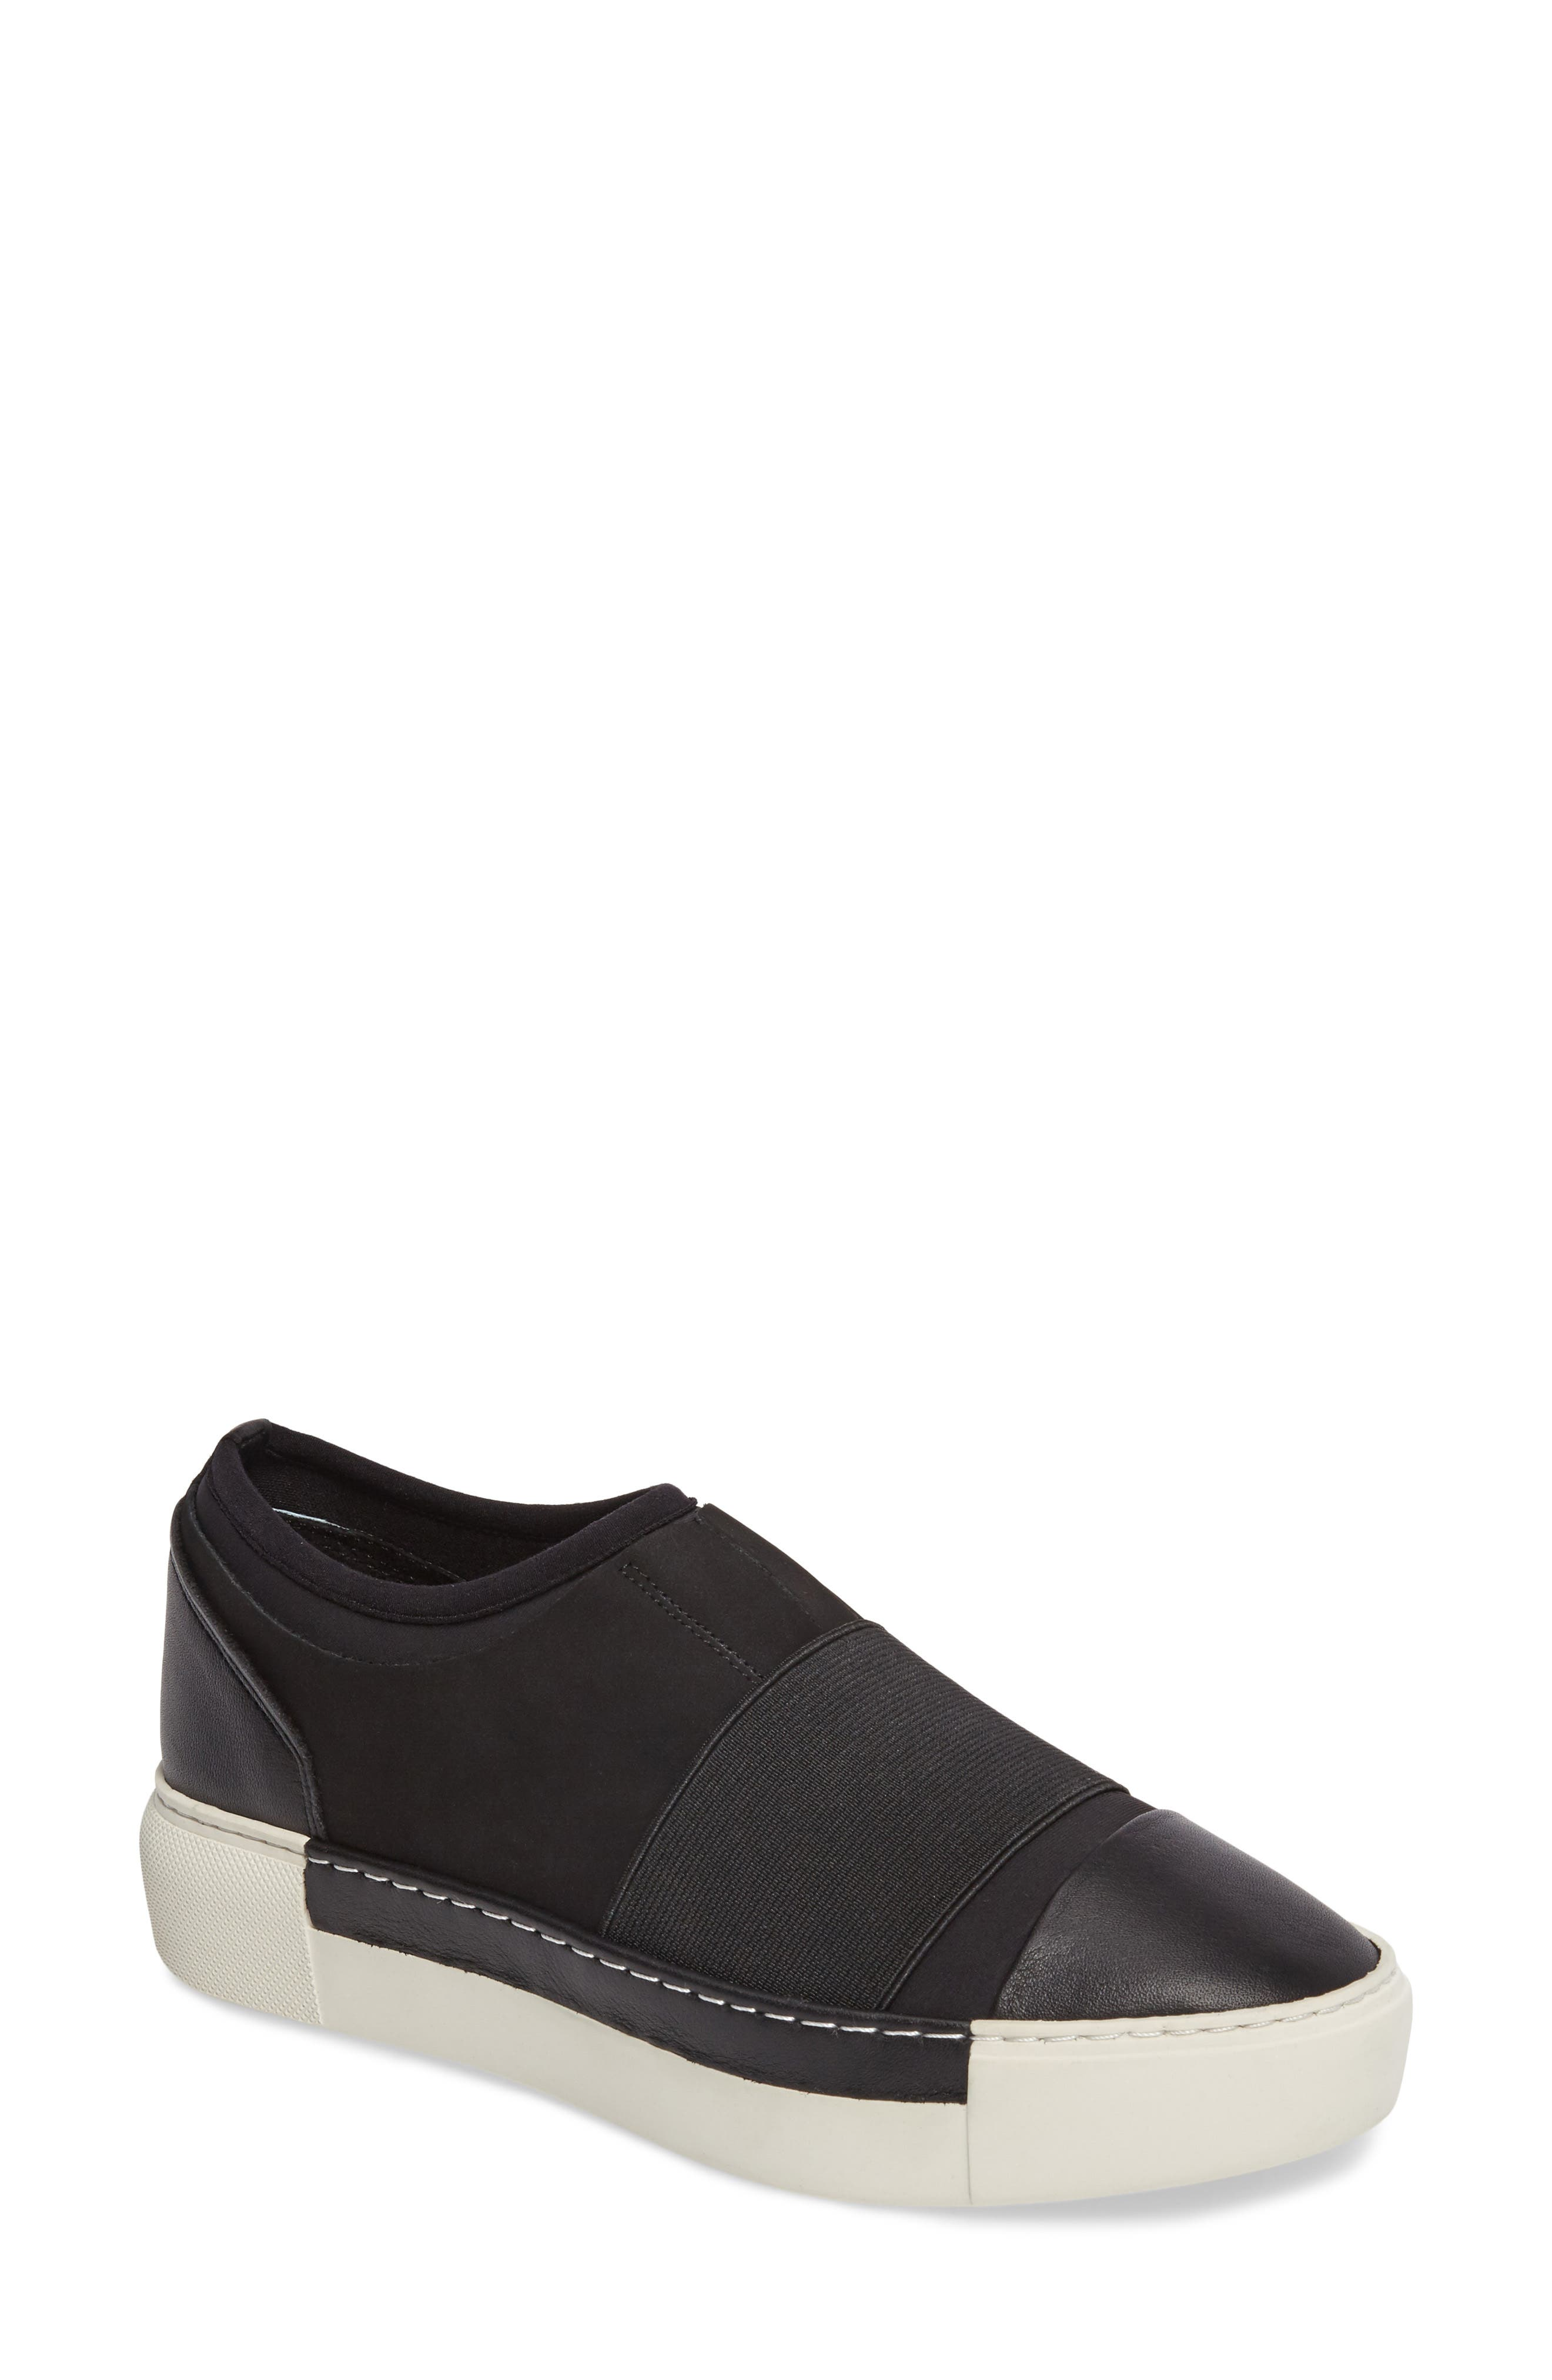 Jslides Voila Slip-On Sneaker